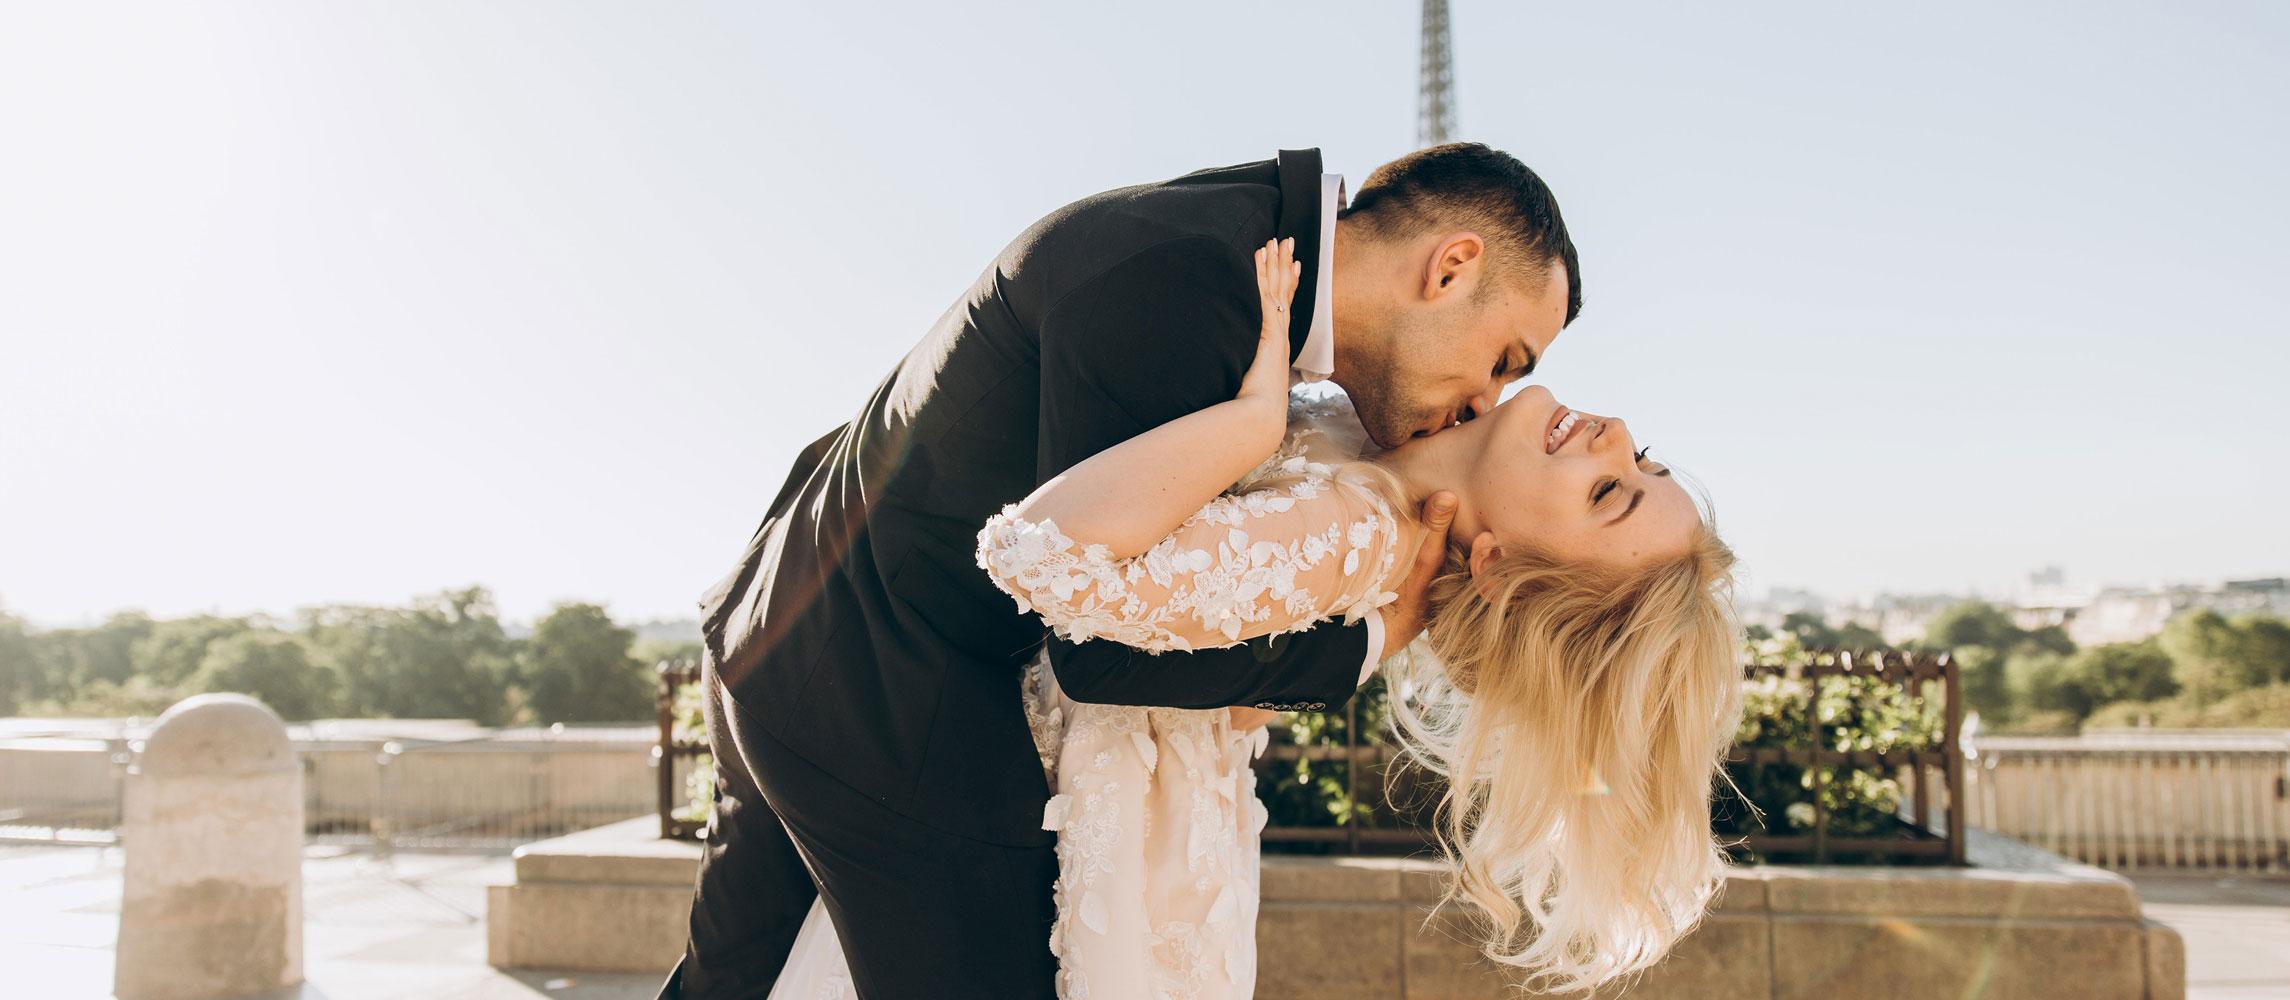 Brautpaar mit Trauringen